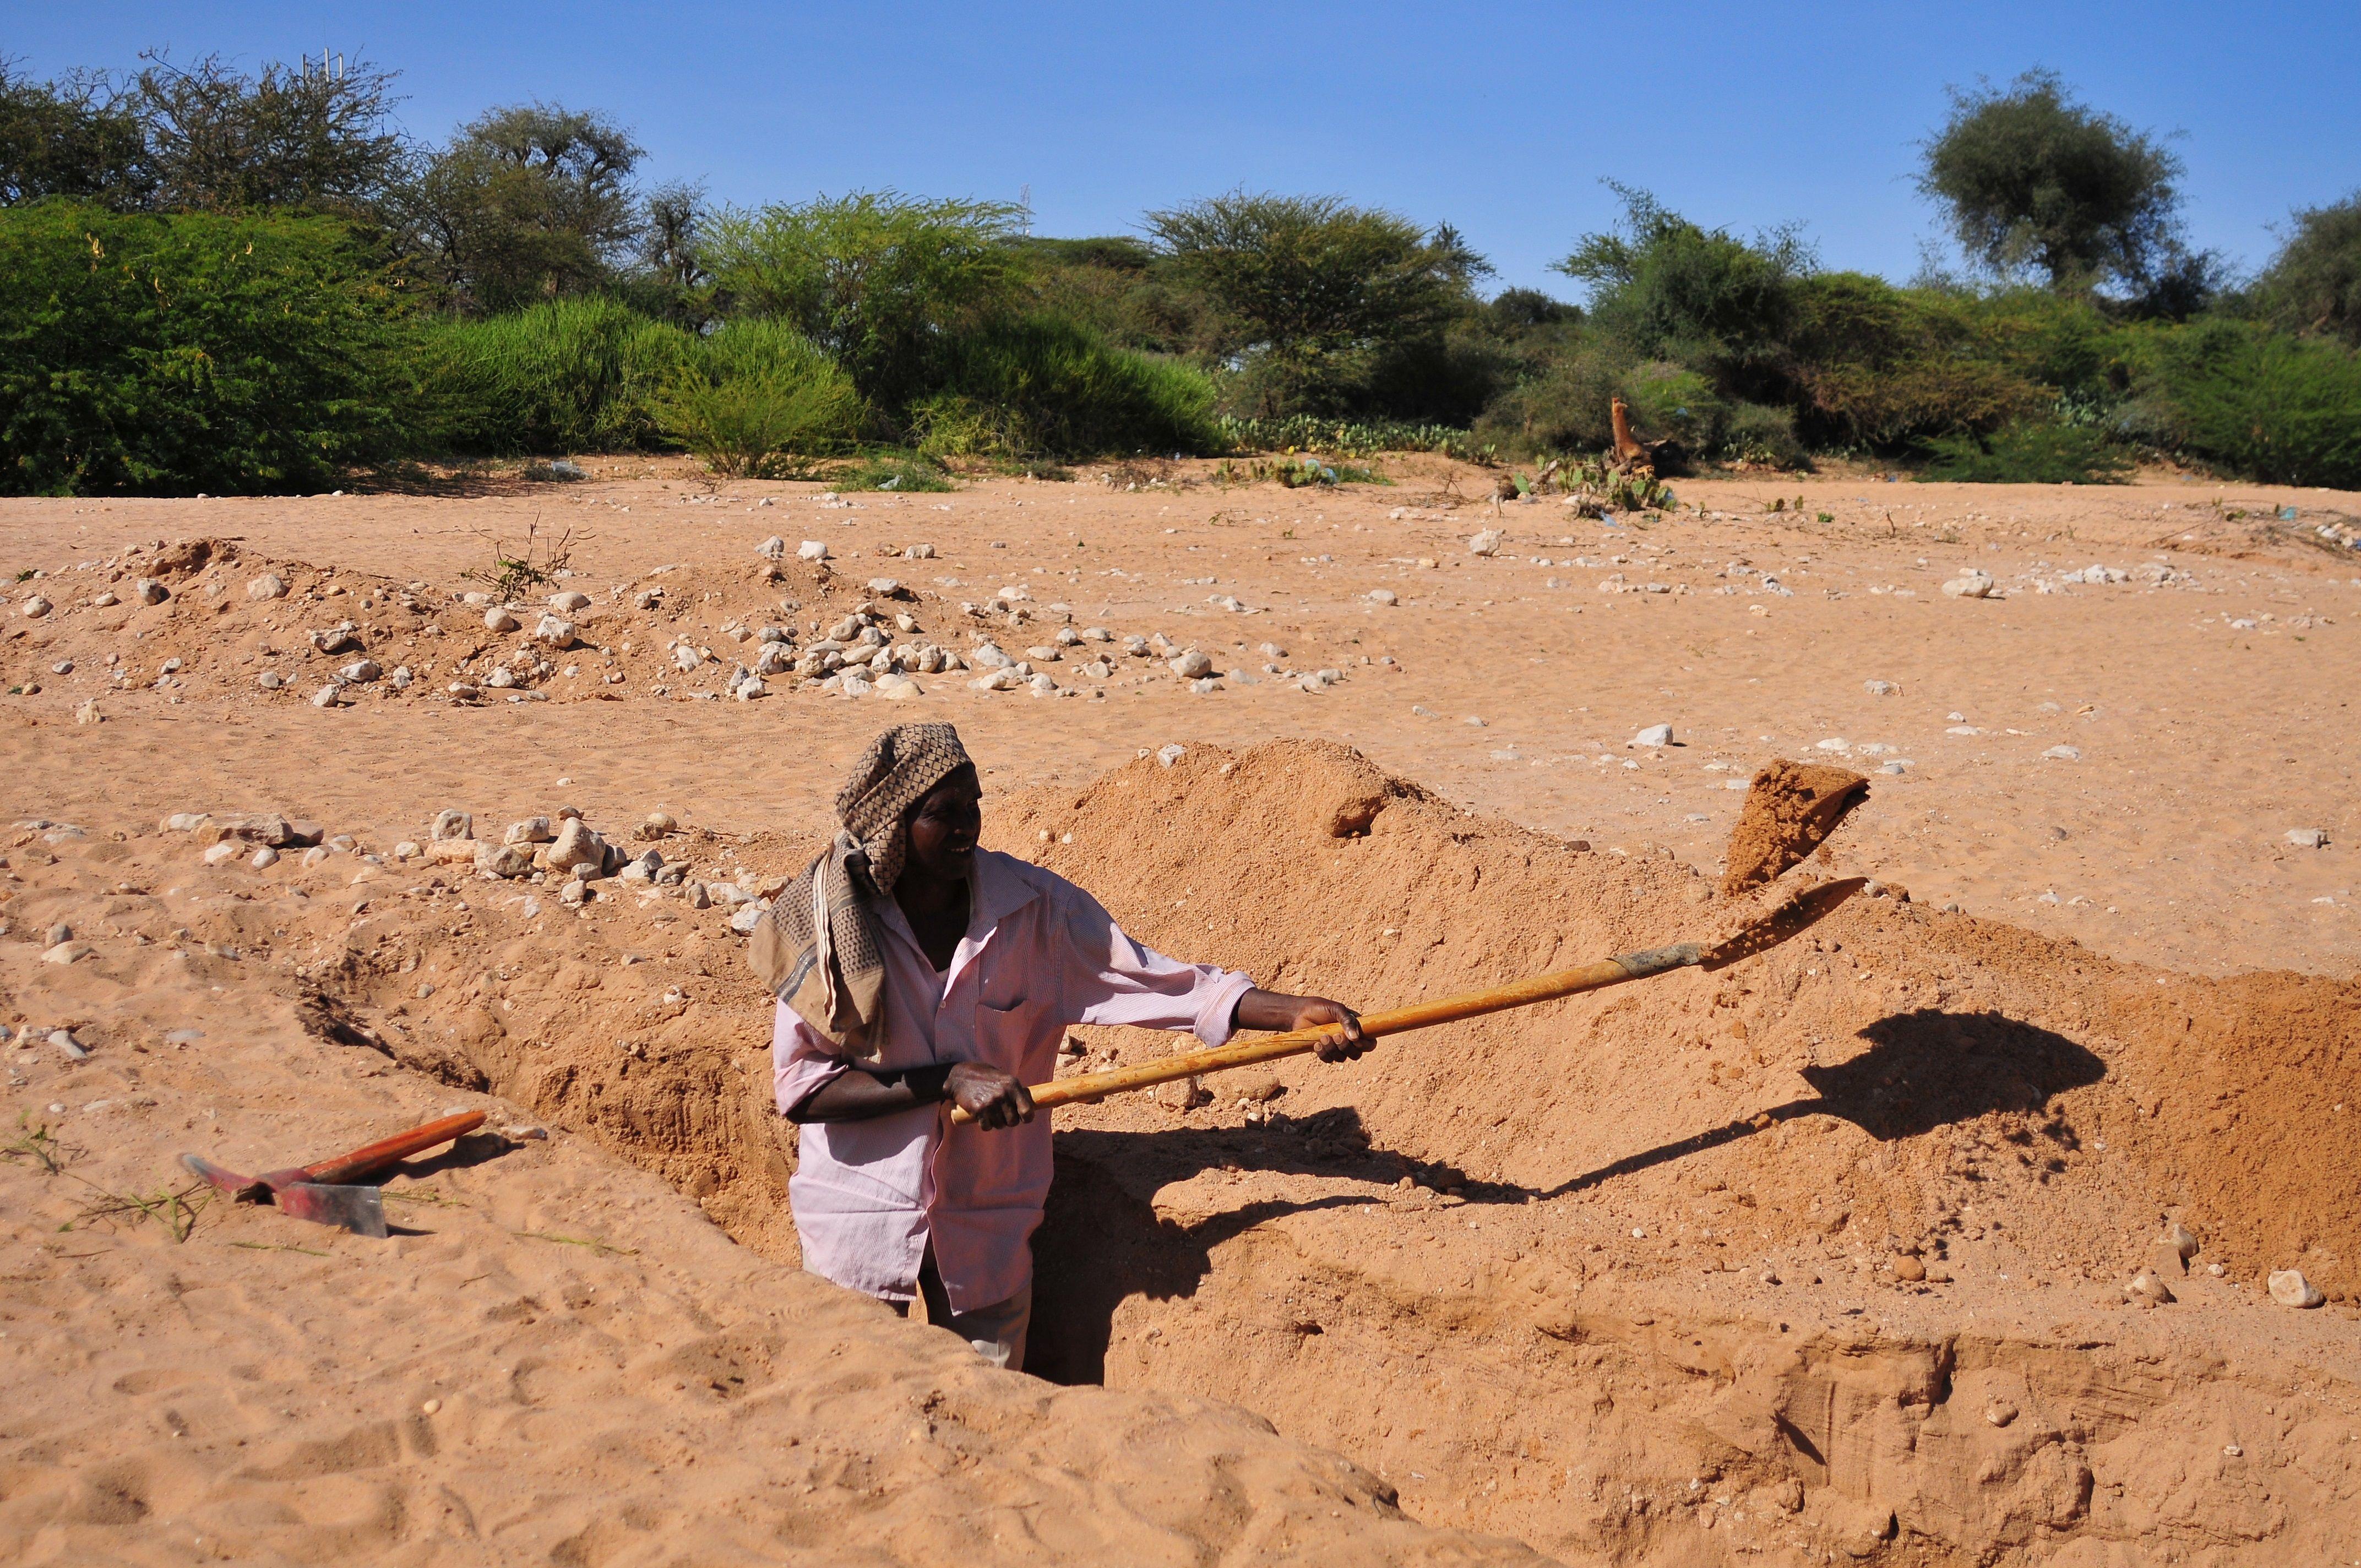 Сомалі, для блогів_5